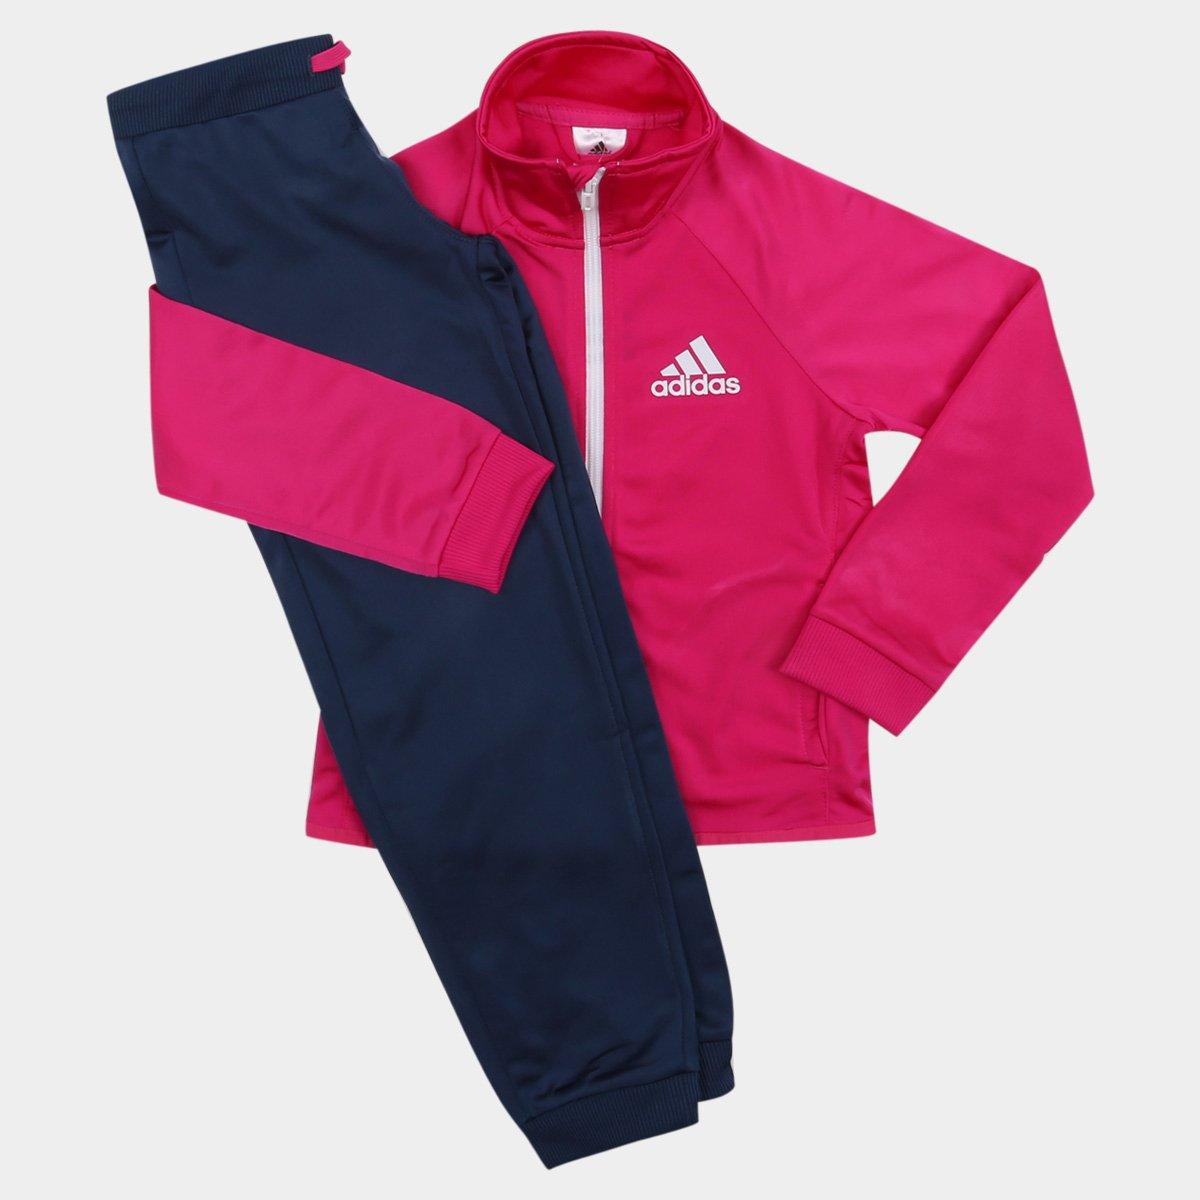 0fb96abb00 ... Agasalho Adidas Yg S Entry Infantil - Compre Agora Zattini  149a37d789c29e ...